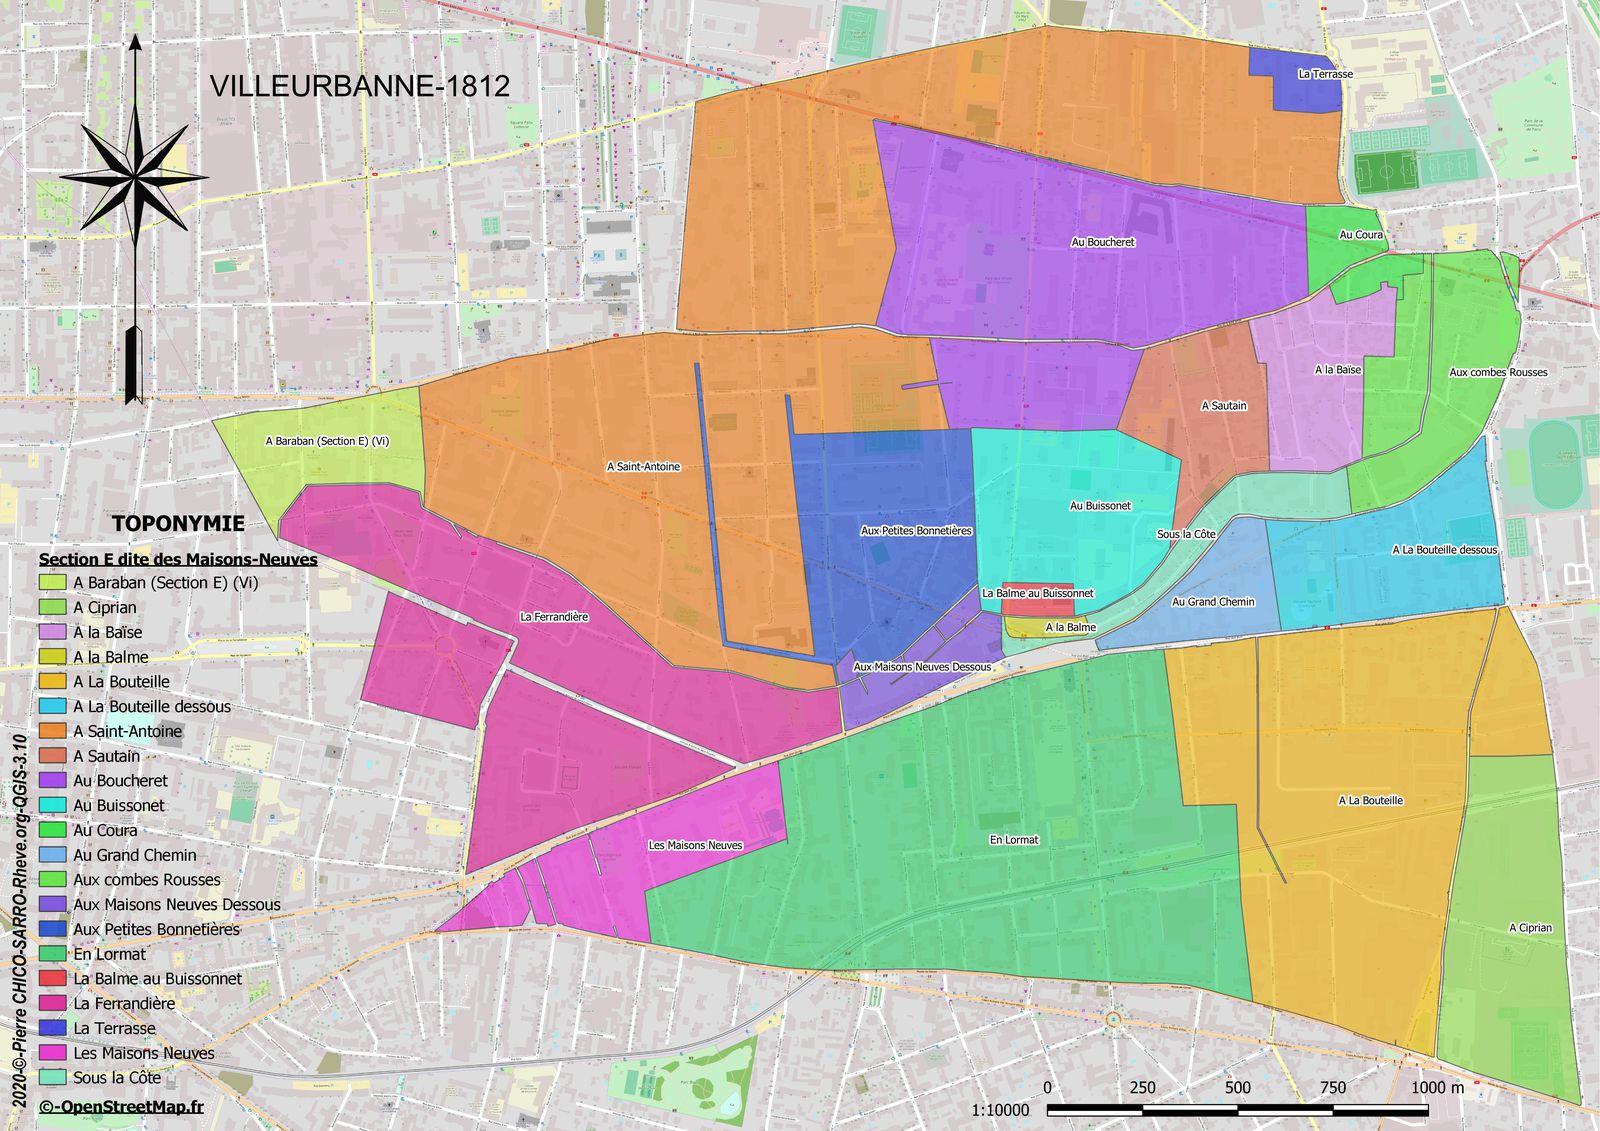 Distribution des toponymes sur la section E dite des Maisons Neuves à Villeurbanne en 1812